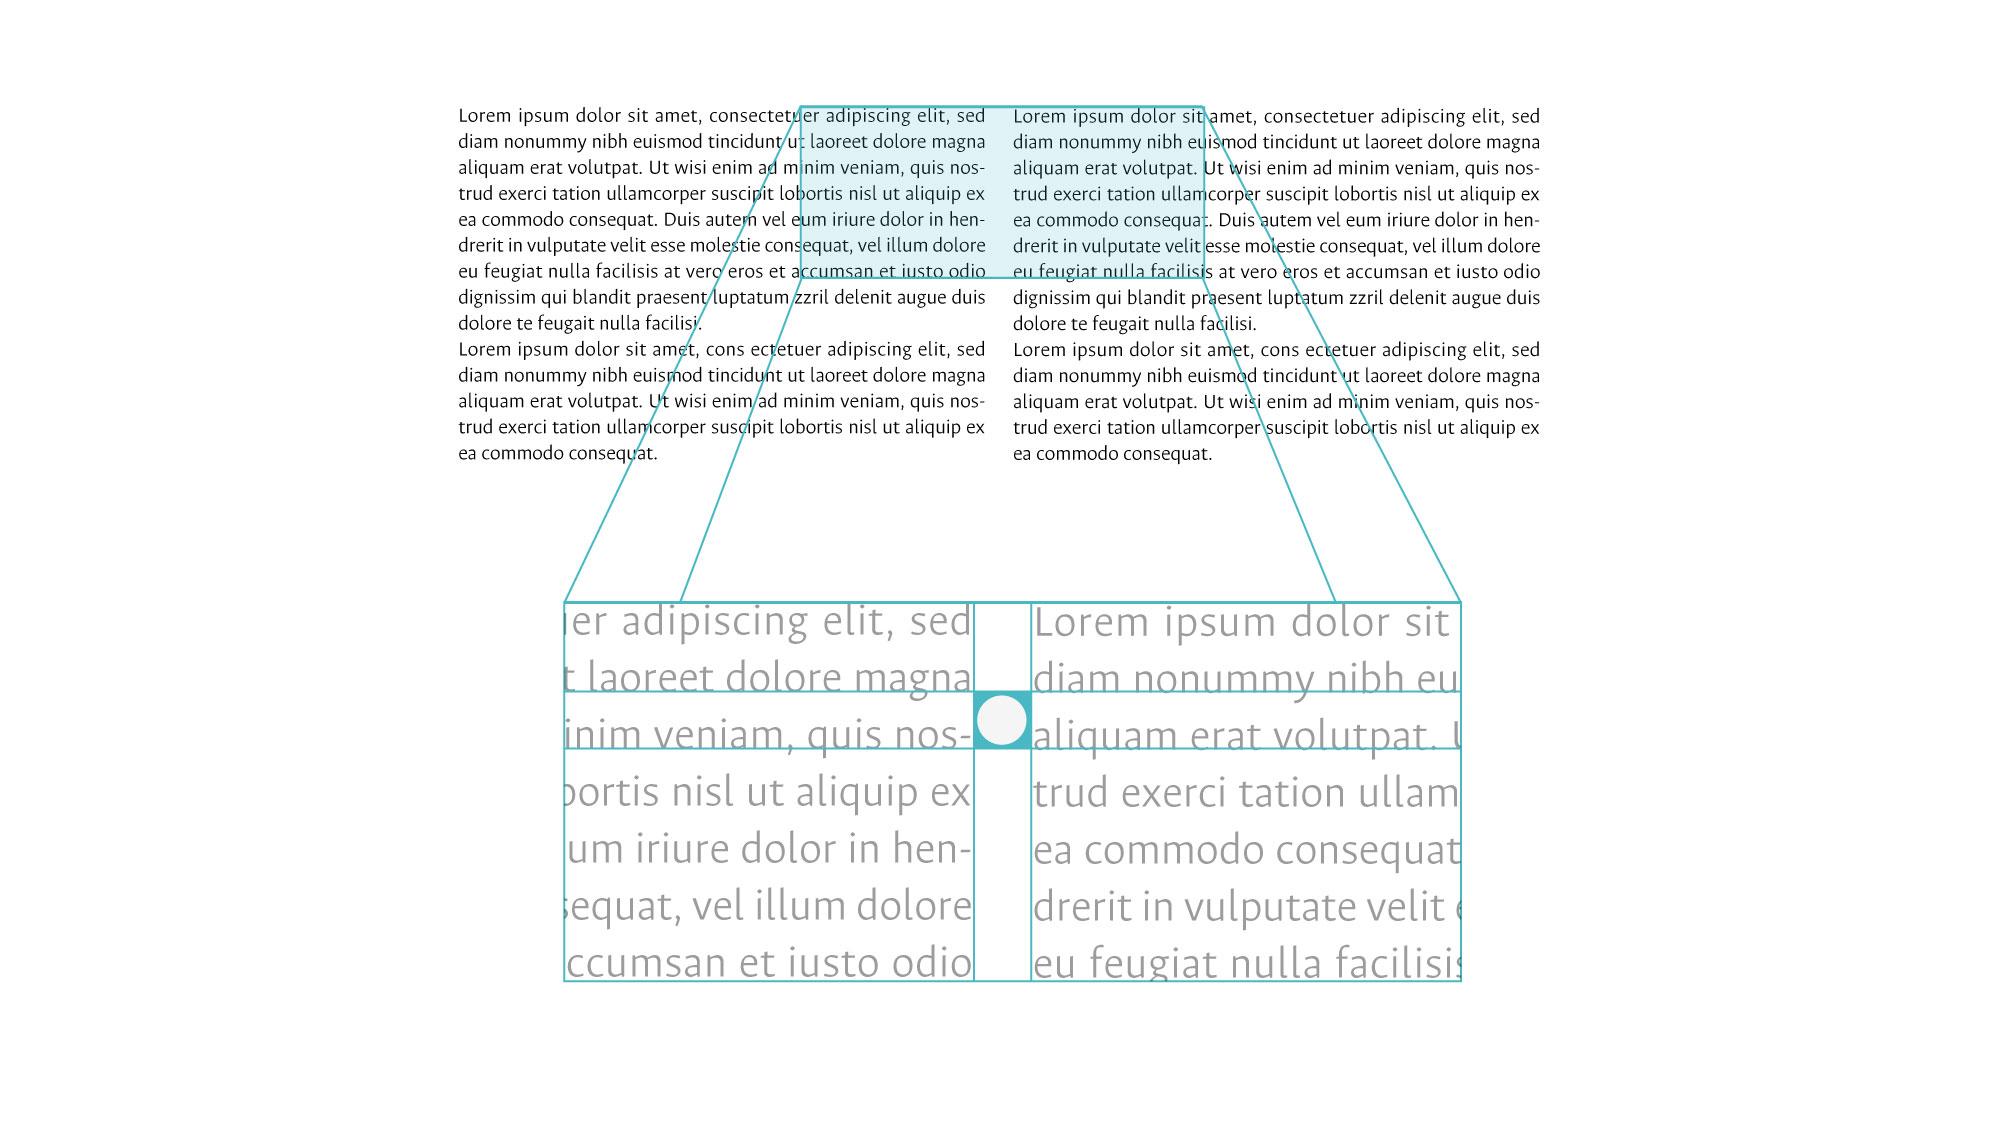 Espacio entre columnas en texto corrido partiendo del valor de la interlínea